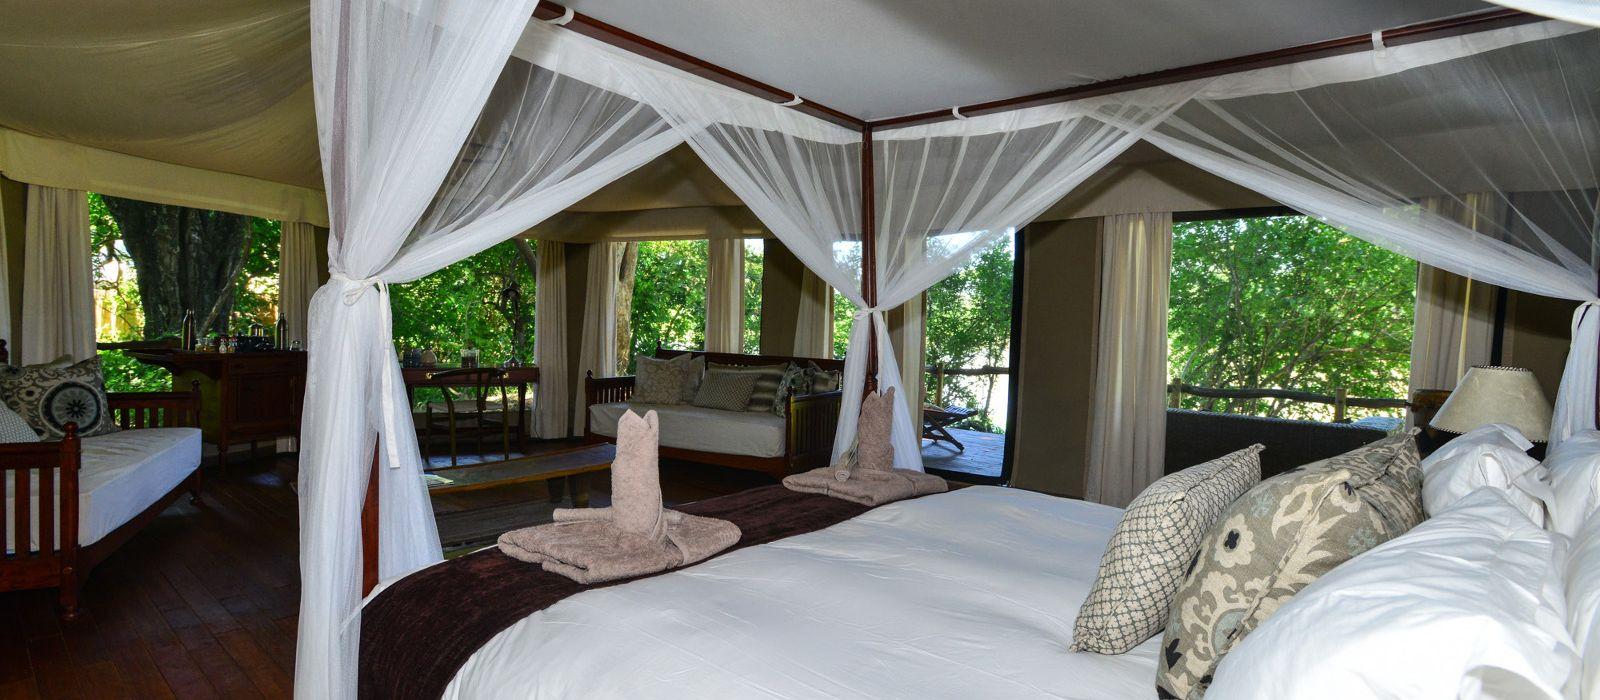 Hotel Kanga Camp Zimbabwe